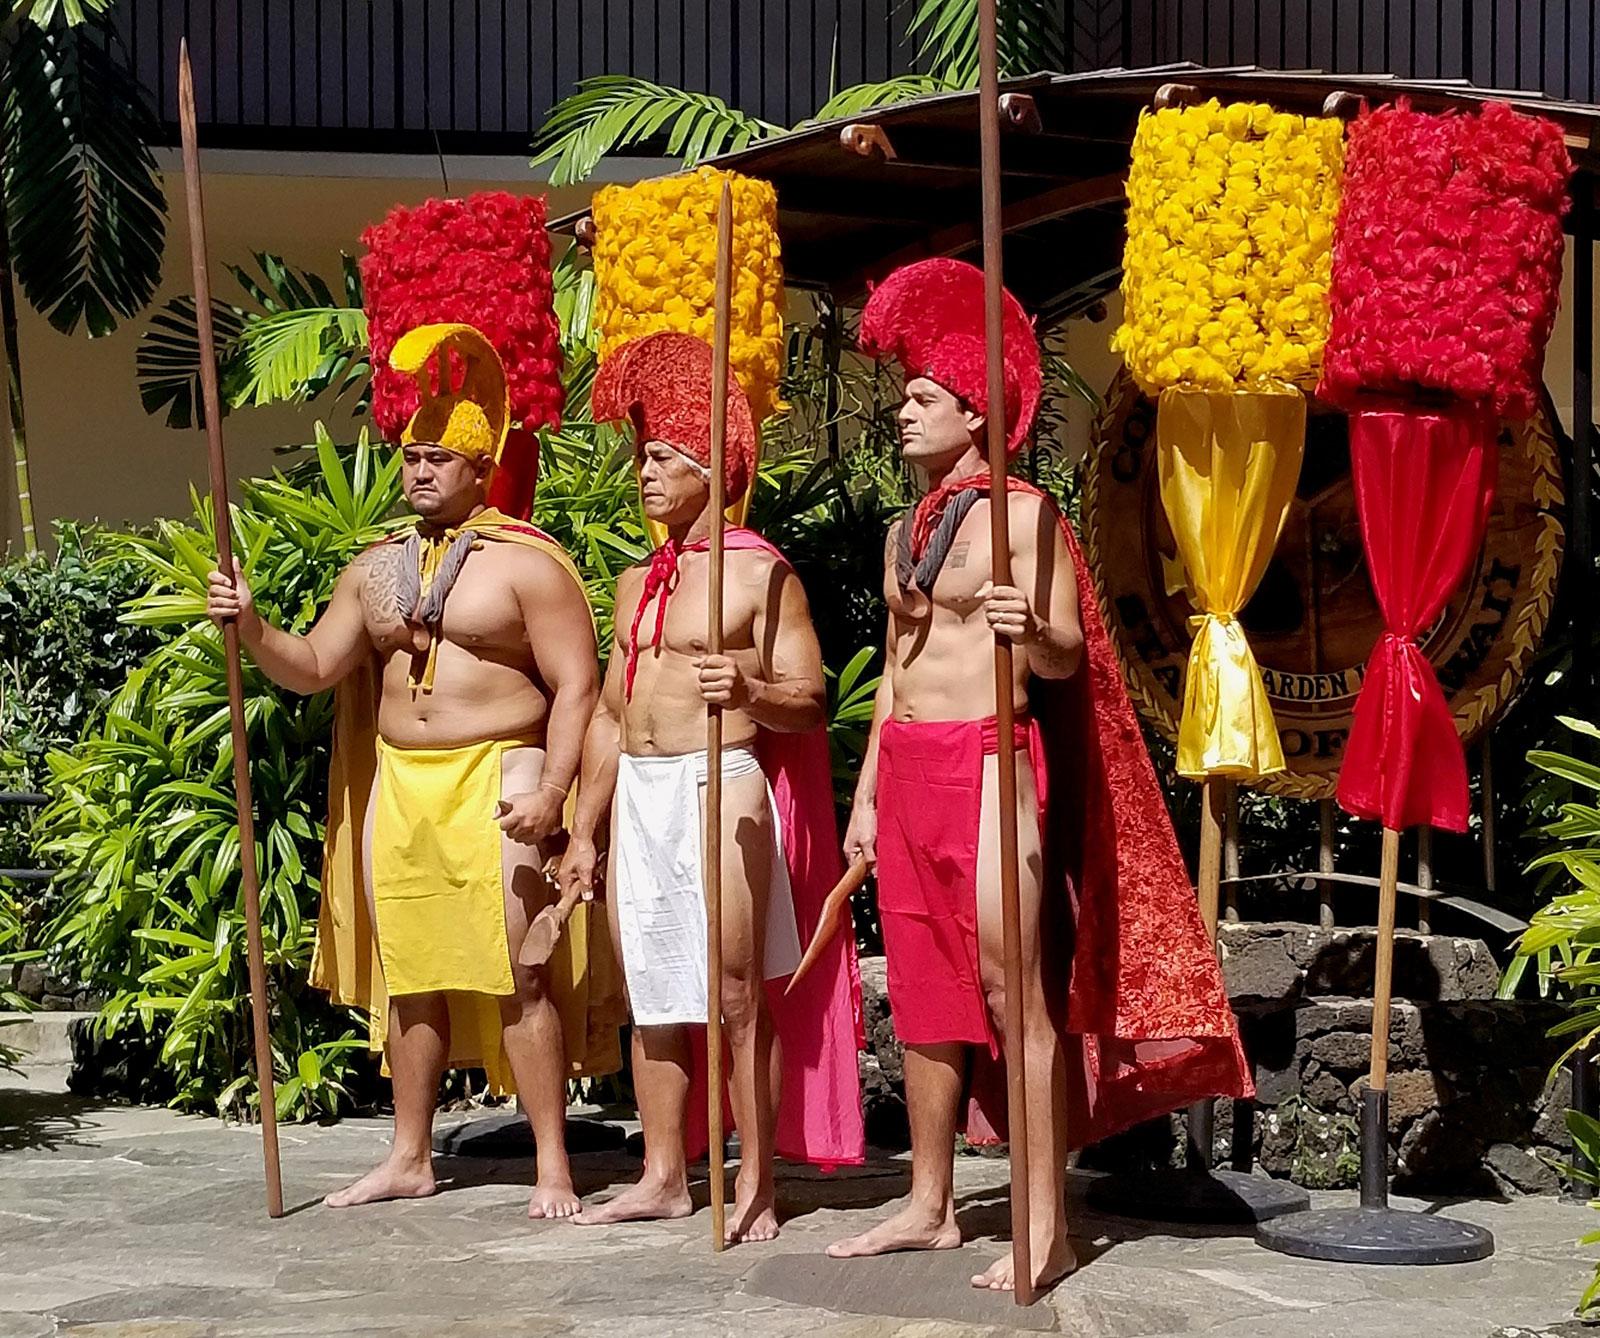 Kauai Calendar June : King kamehameha day parade lihue kauai